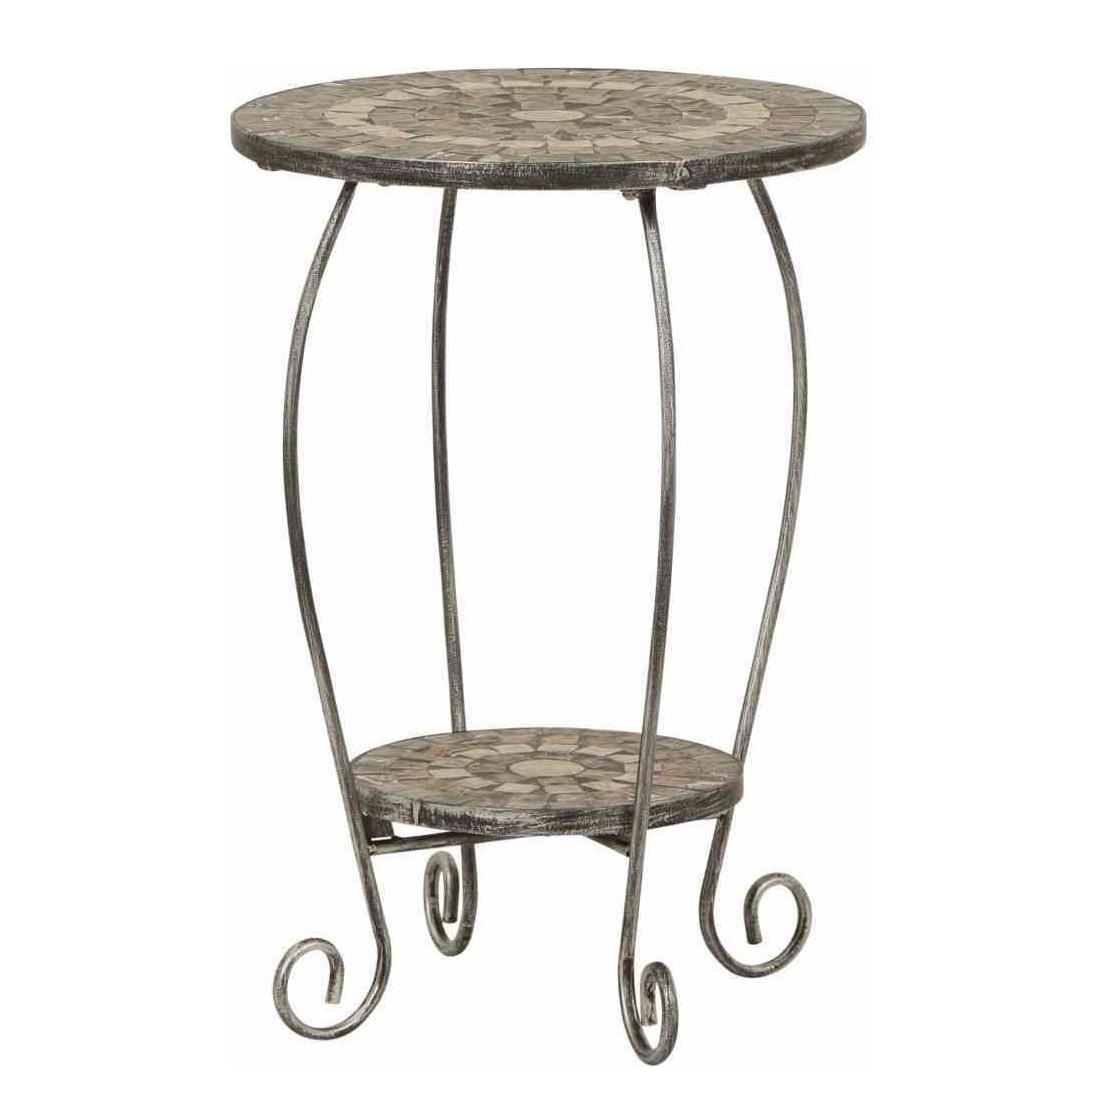 home24 Blumenstaender Felina | Dekoration > Dekopflanzen | Silber | Metall - Stein | Siena Garden